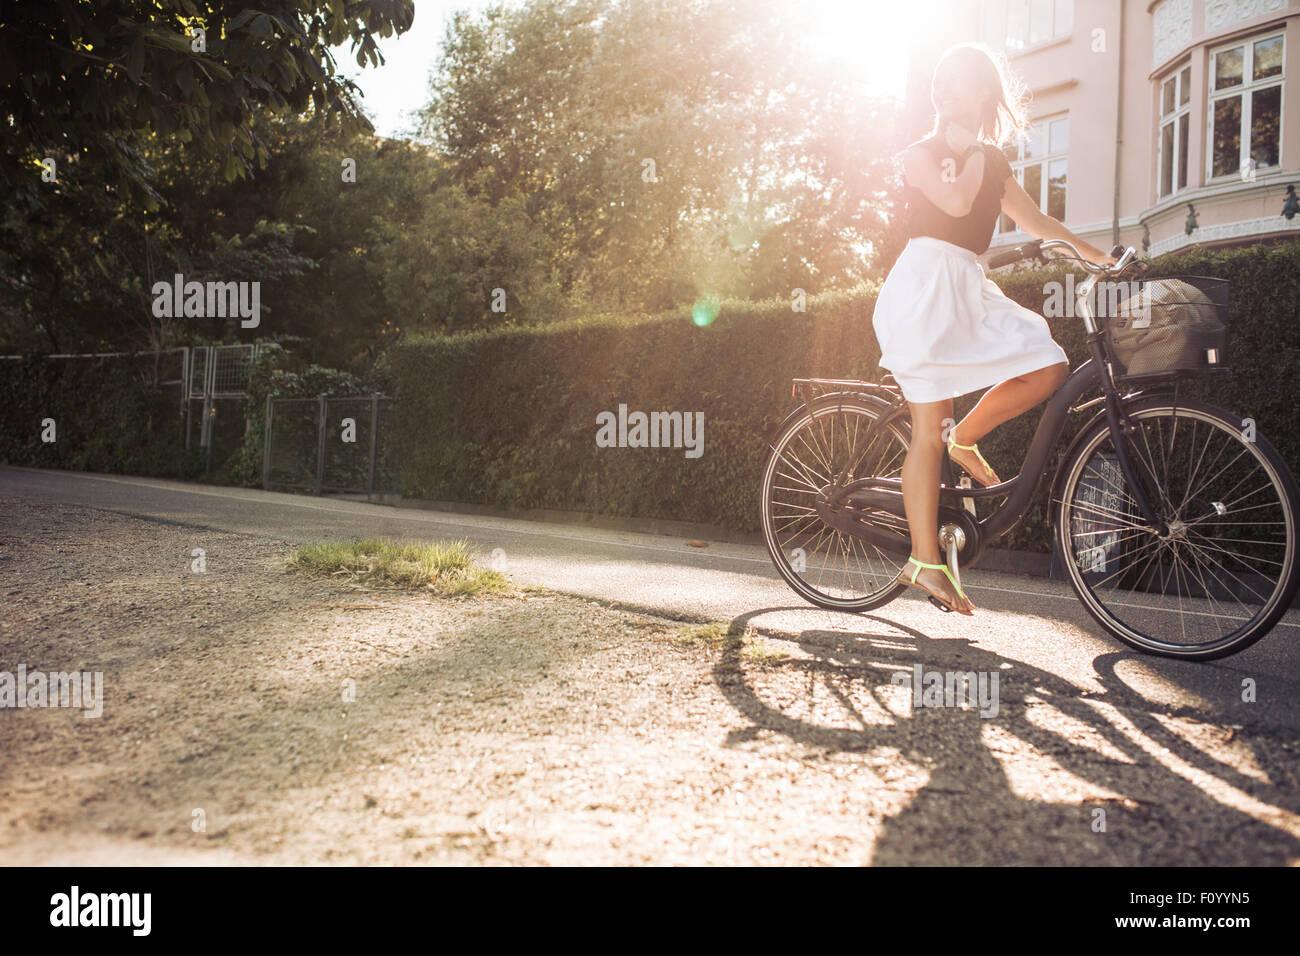 Im Freien Schuss einer jungen Frau auf Straße Radfahren. Weibliche Reiten Fahrrad mit Sonne Flare. Stockbild